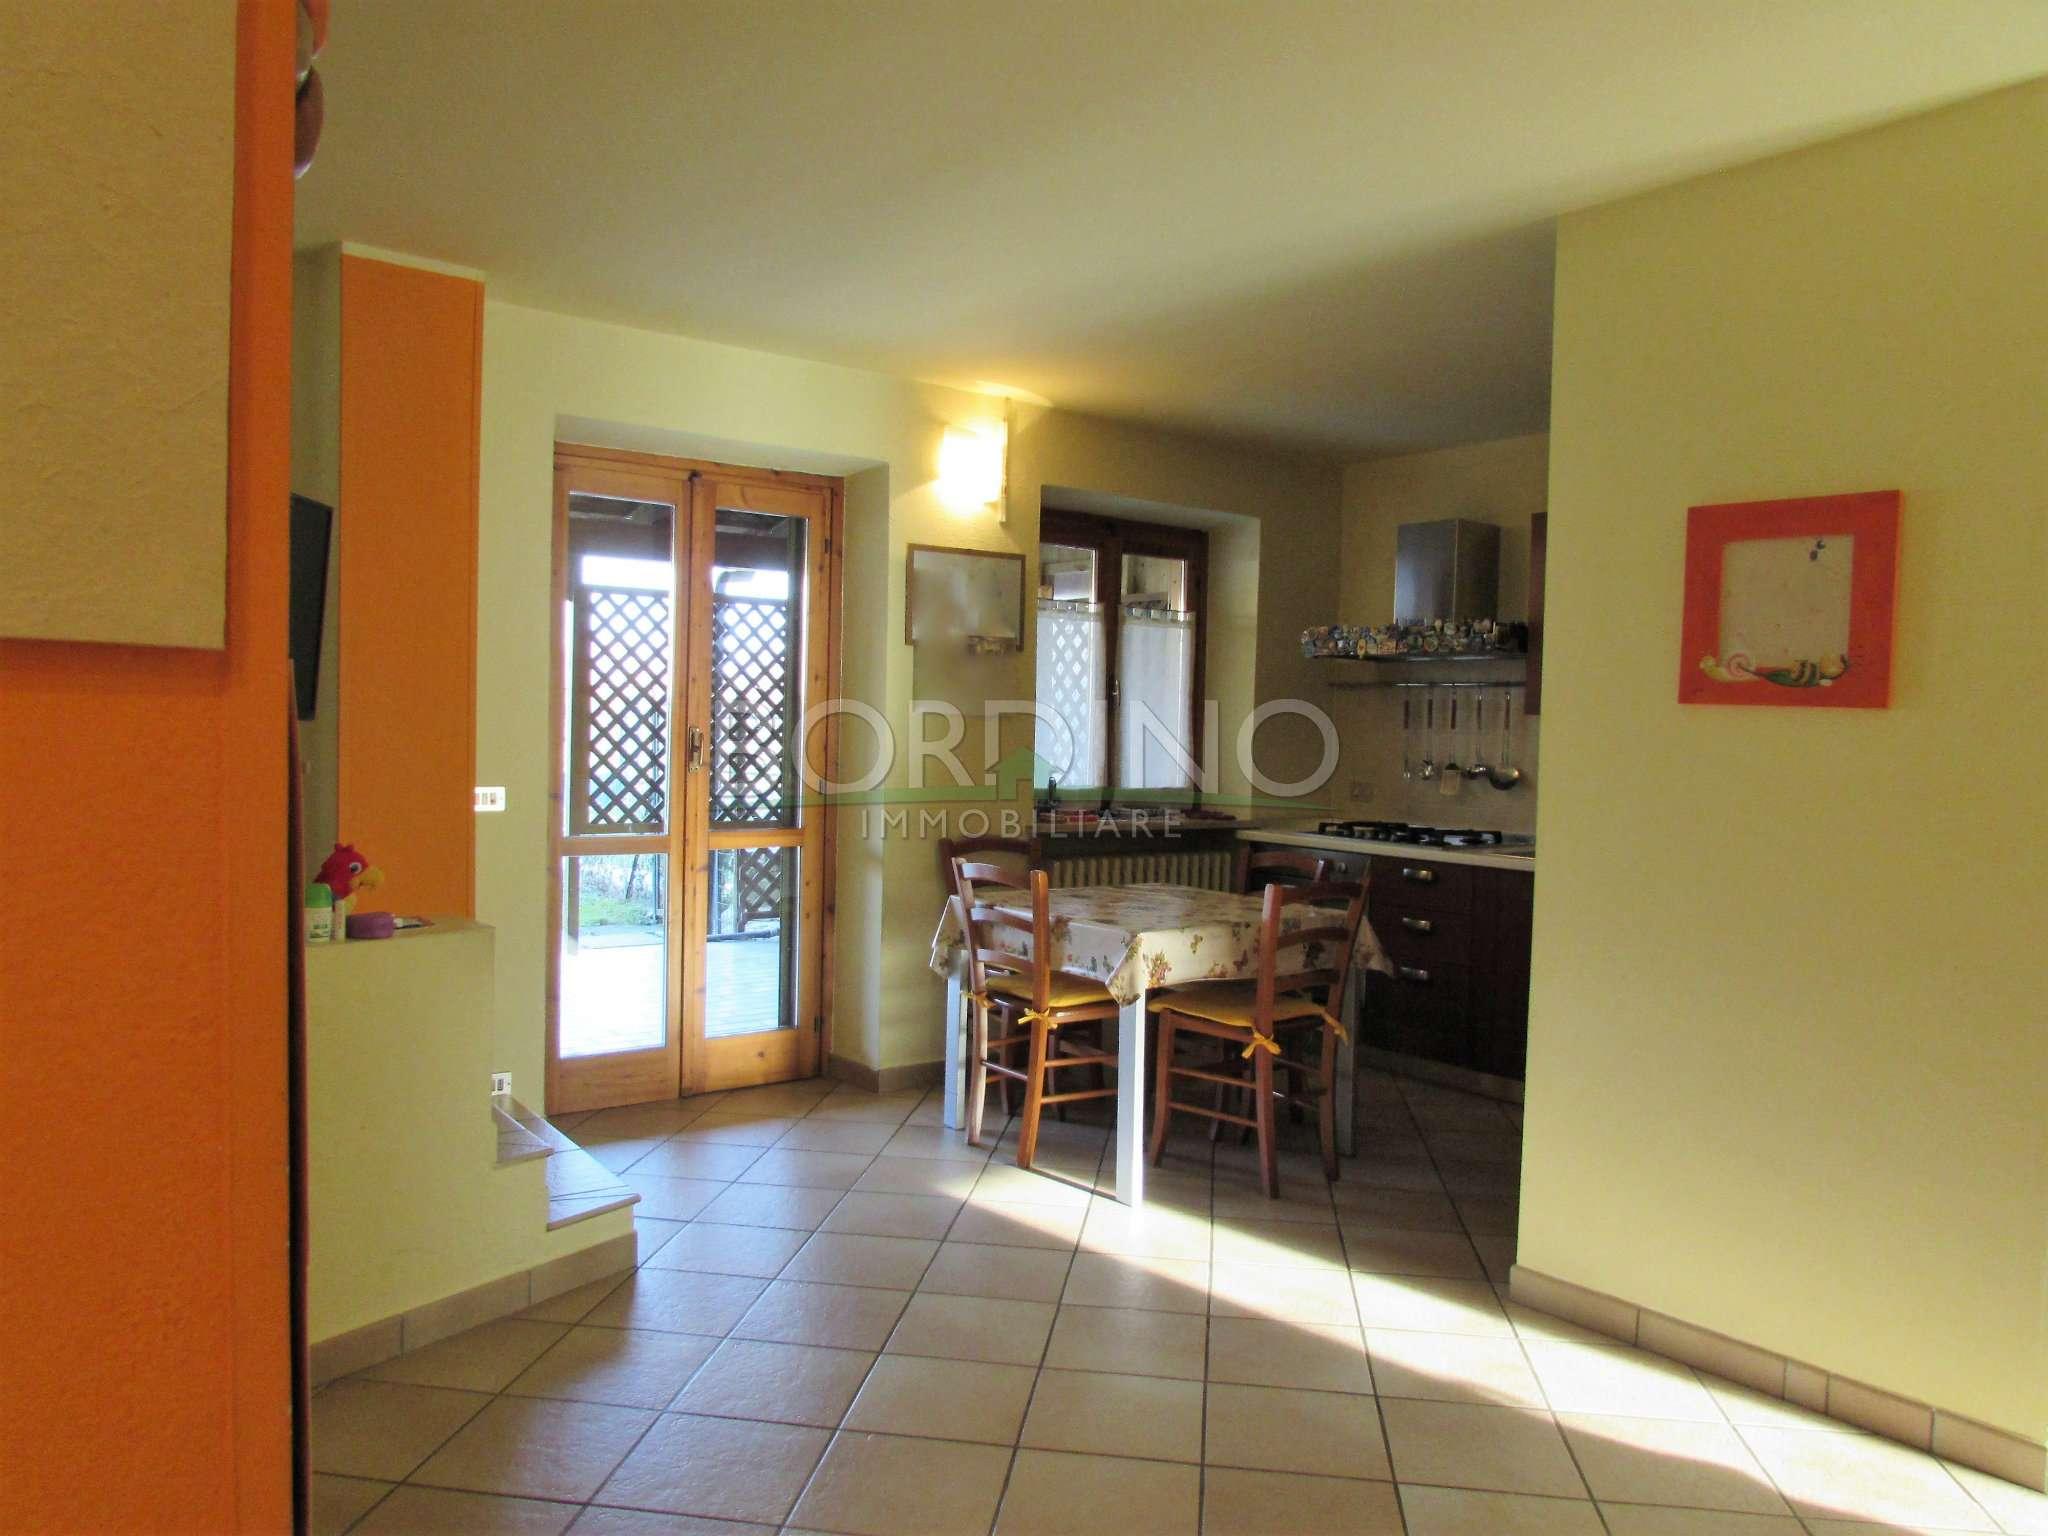 Soluzione Indipendente in vendita a Neive, 5 locali, prezzo € 118.000 | PortaleAgenzieImmobiliari.it